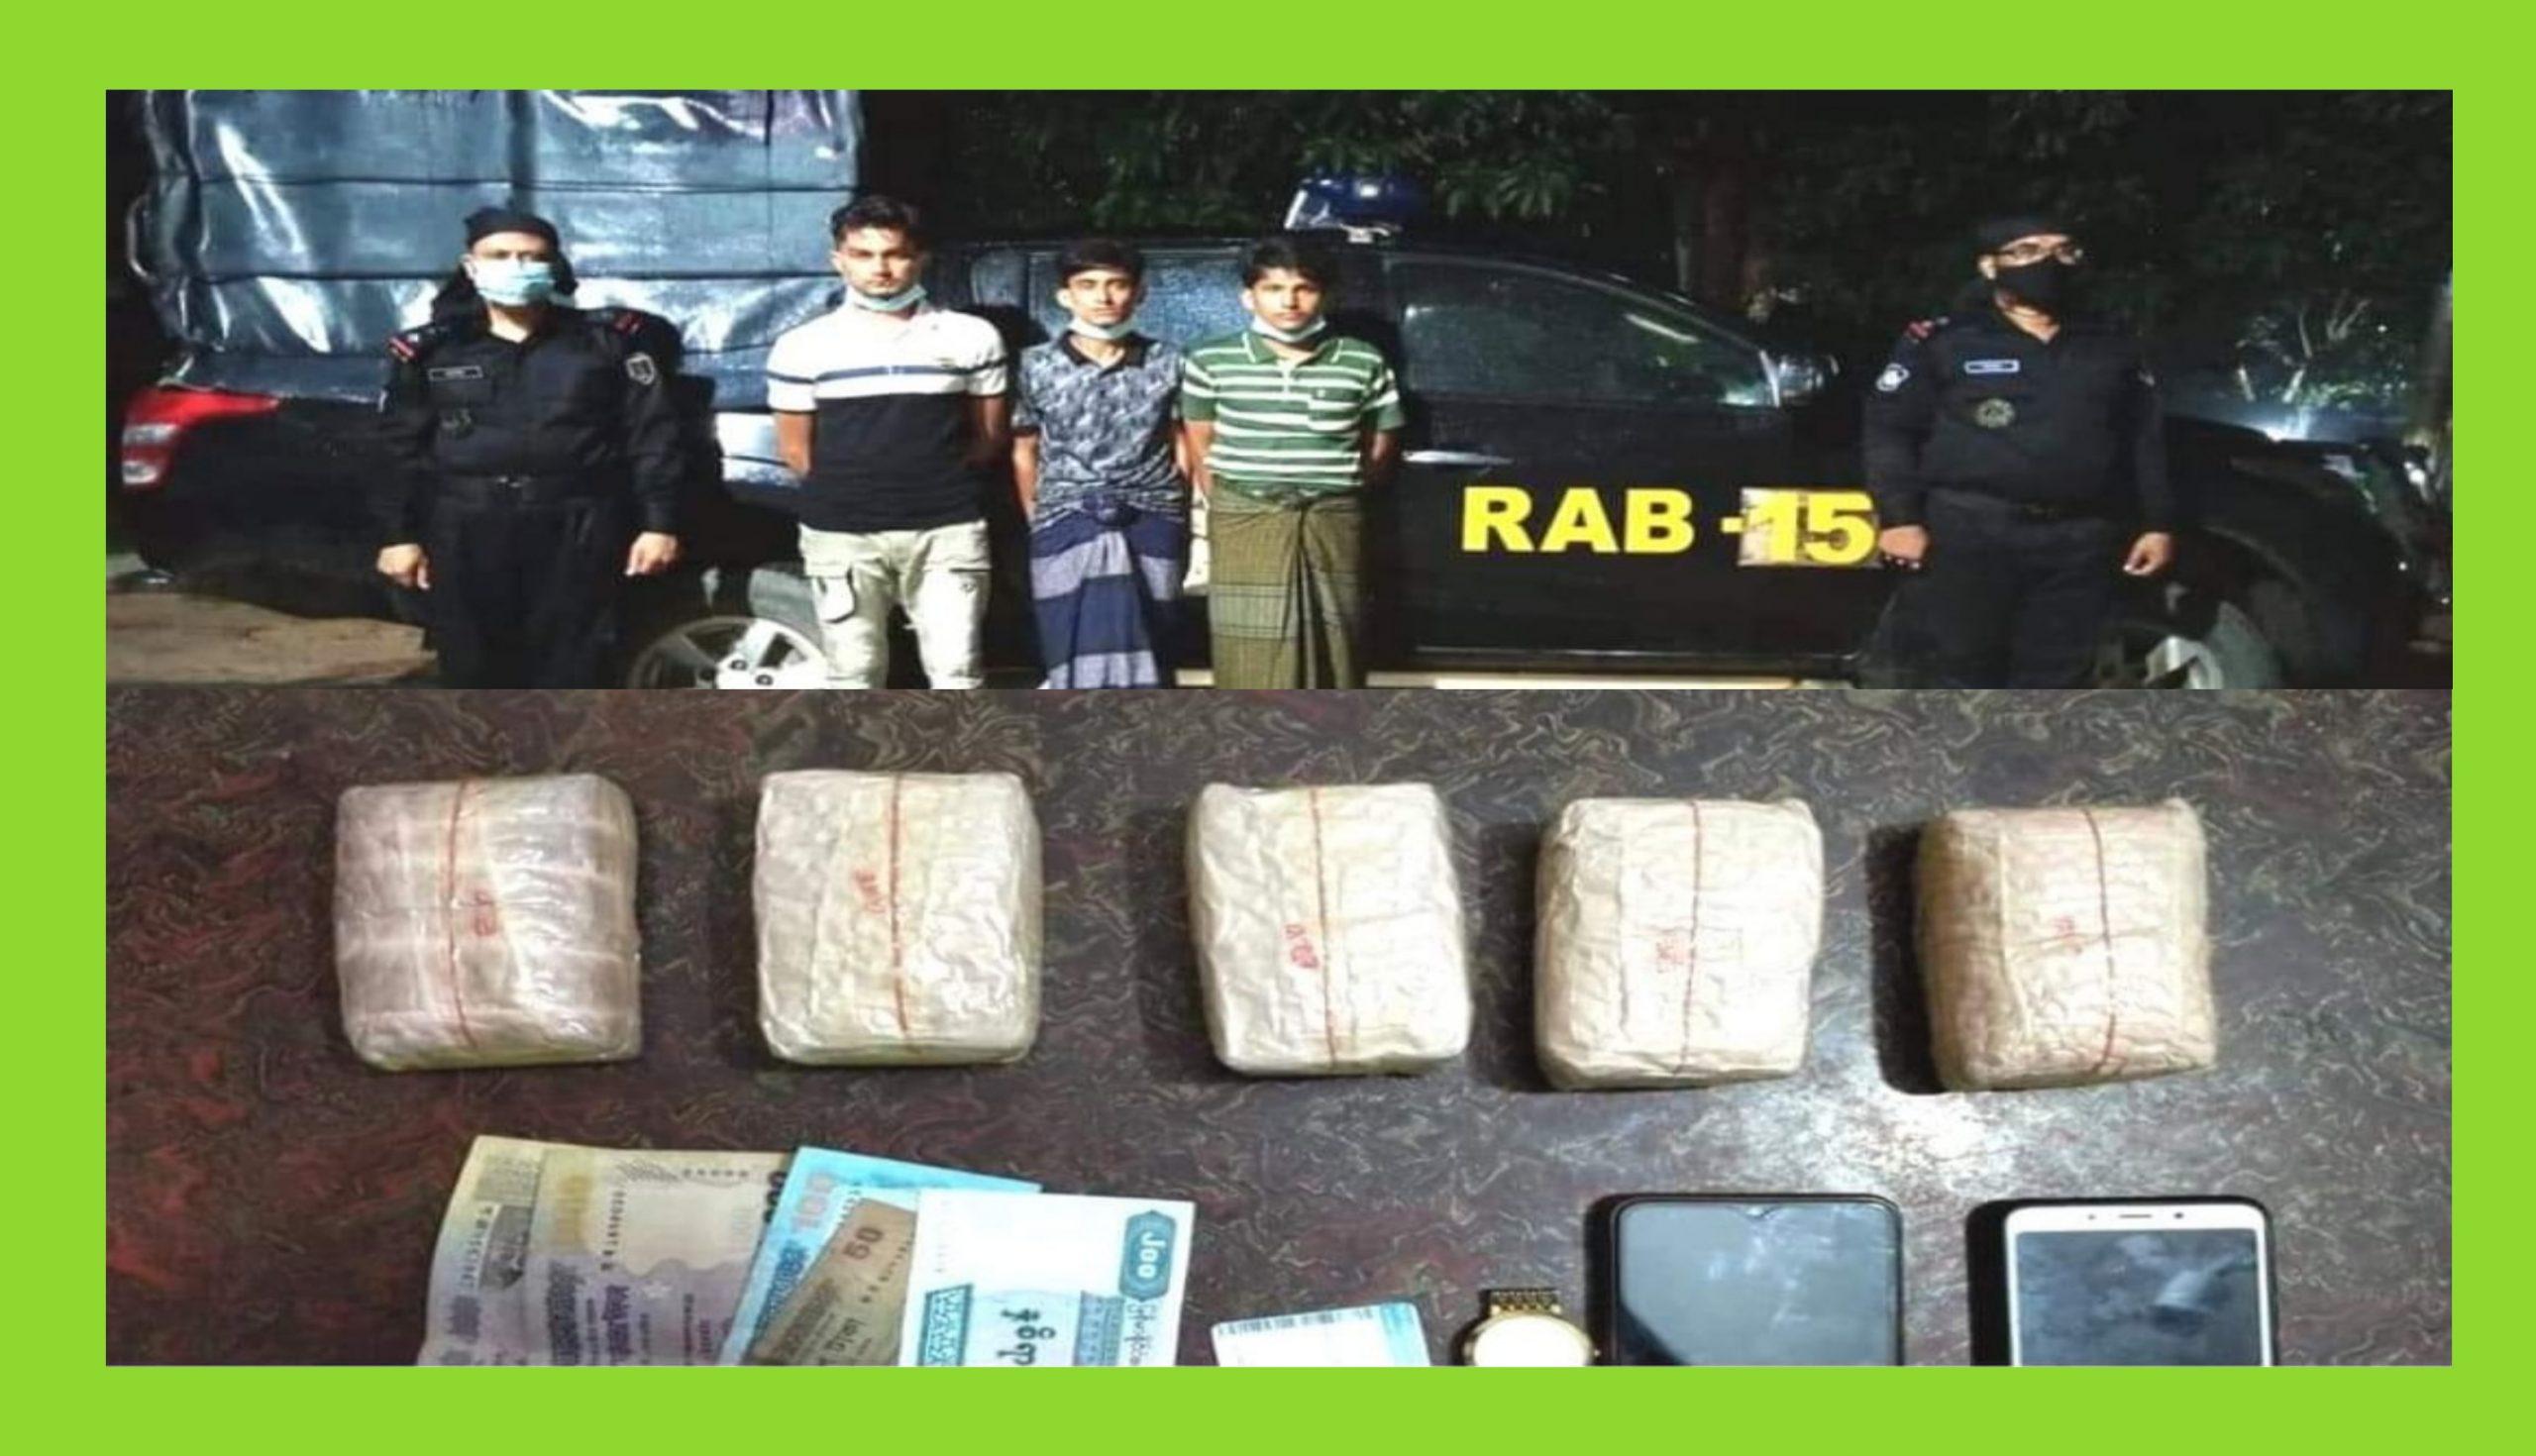 উখিয়ায় র্যাব-১৫'র অভিযান,১০ হাজার পিস ইয়াবাসহ ৩ রোহিঙ্গা আটক